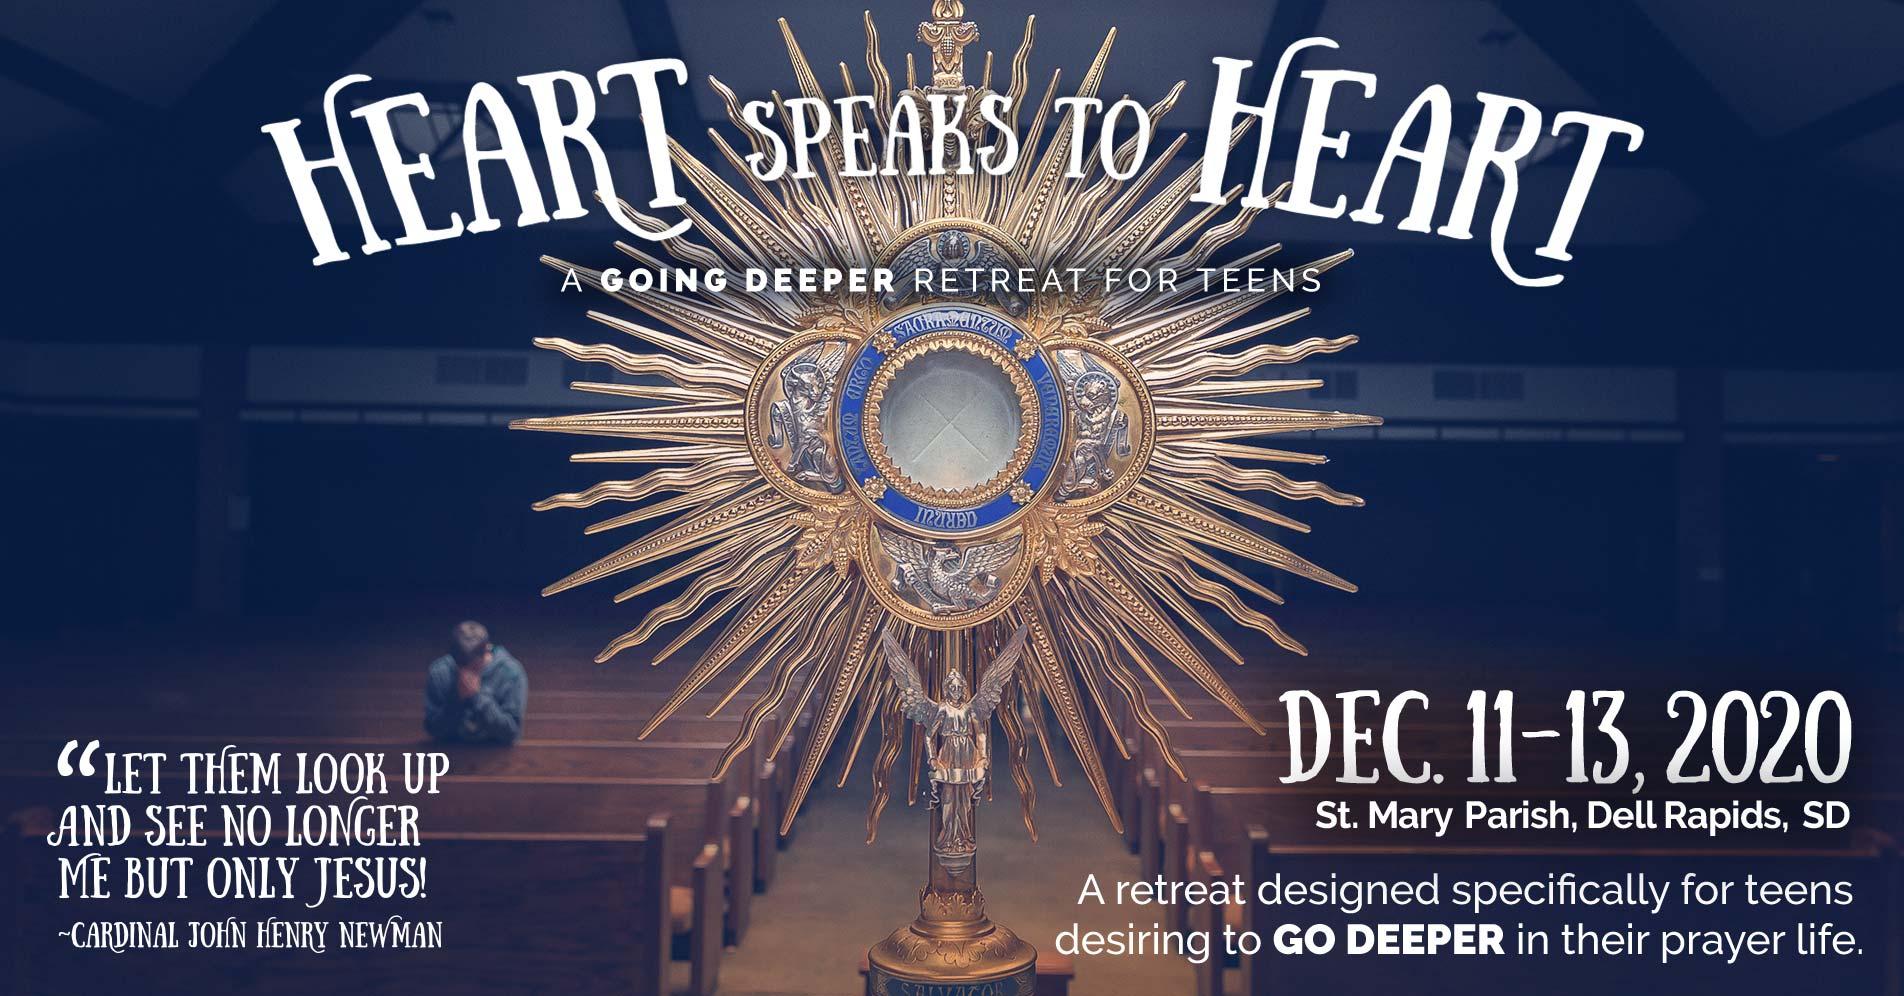 Heart Speaks to Heart - Going Deeper Retreat